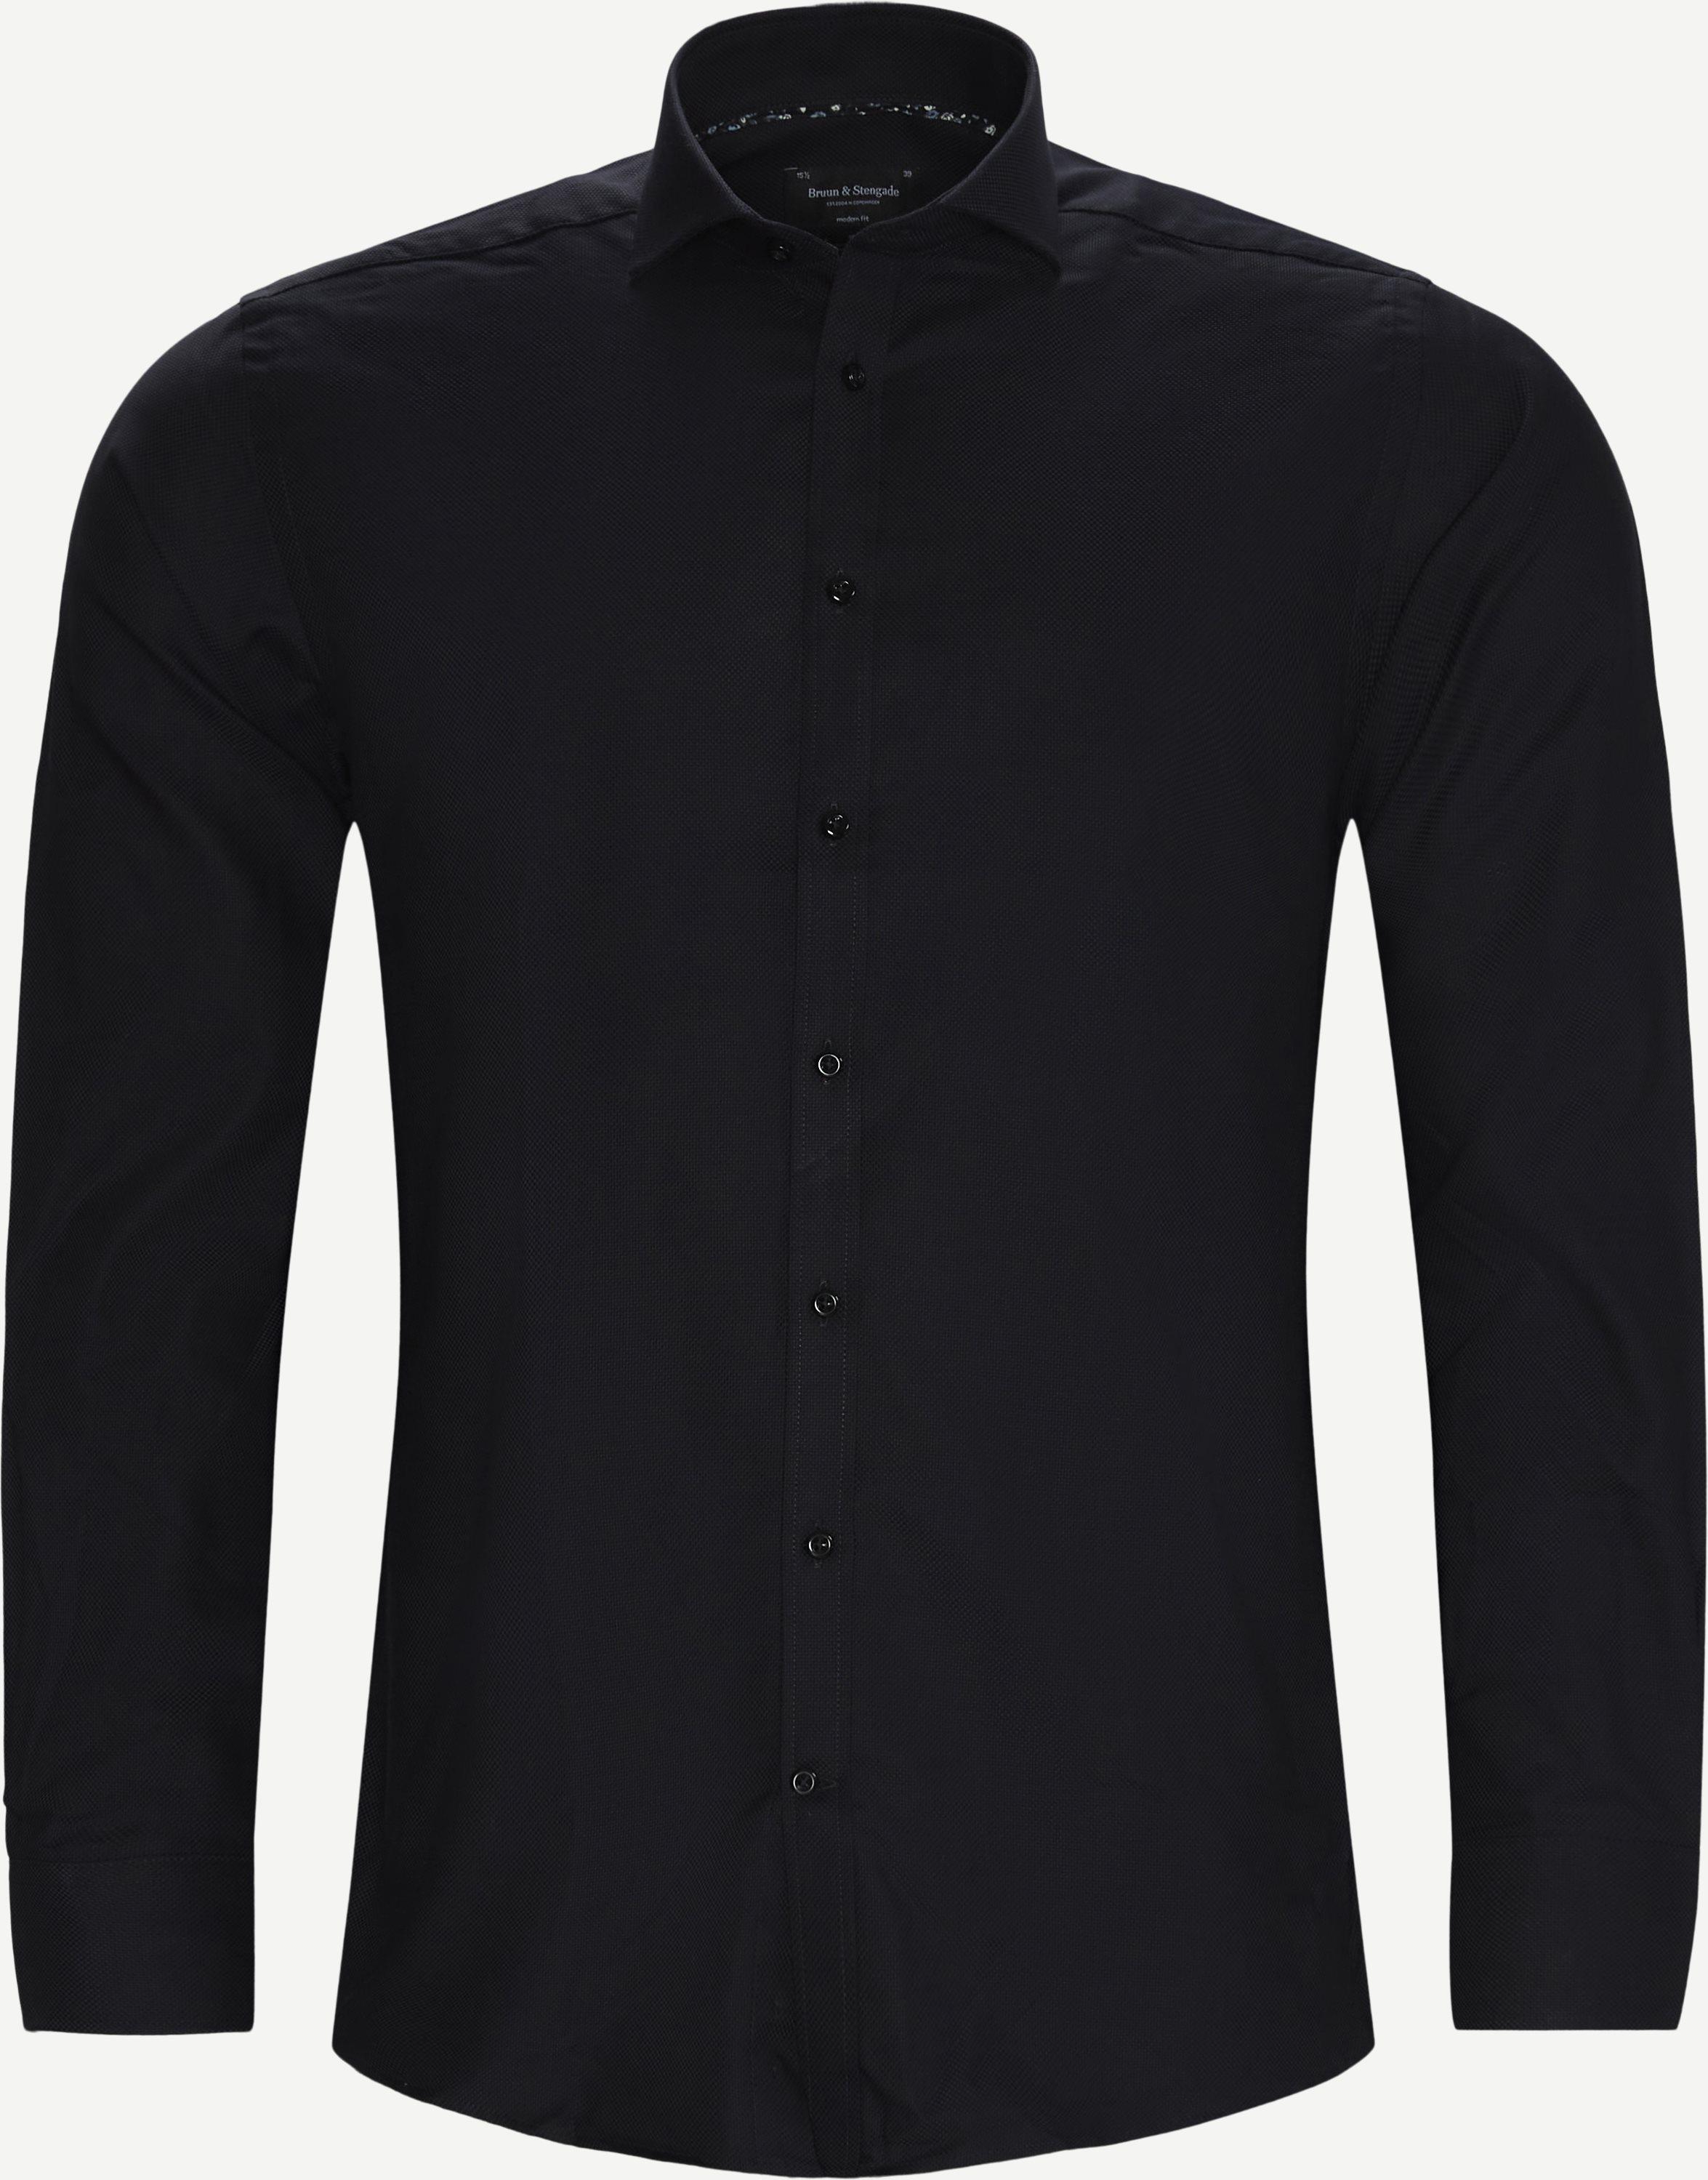 Hemden - Modern fit - Schwarz